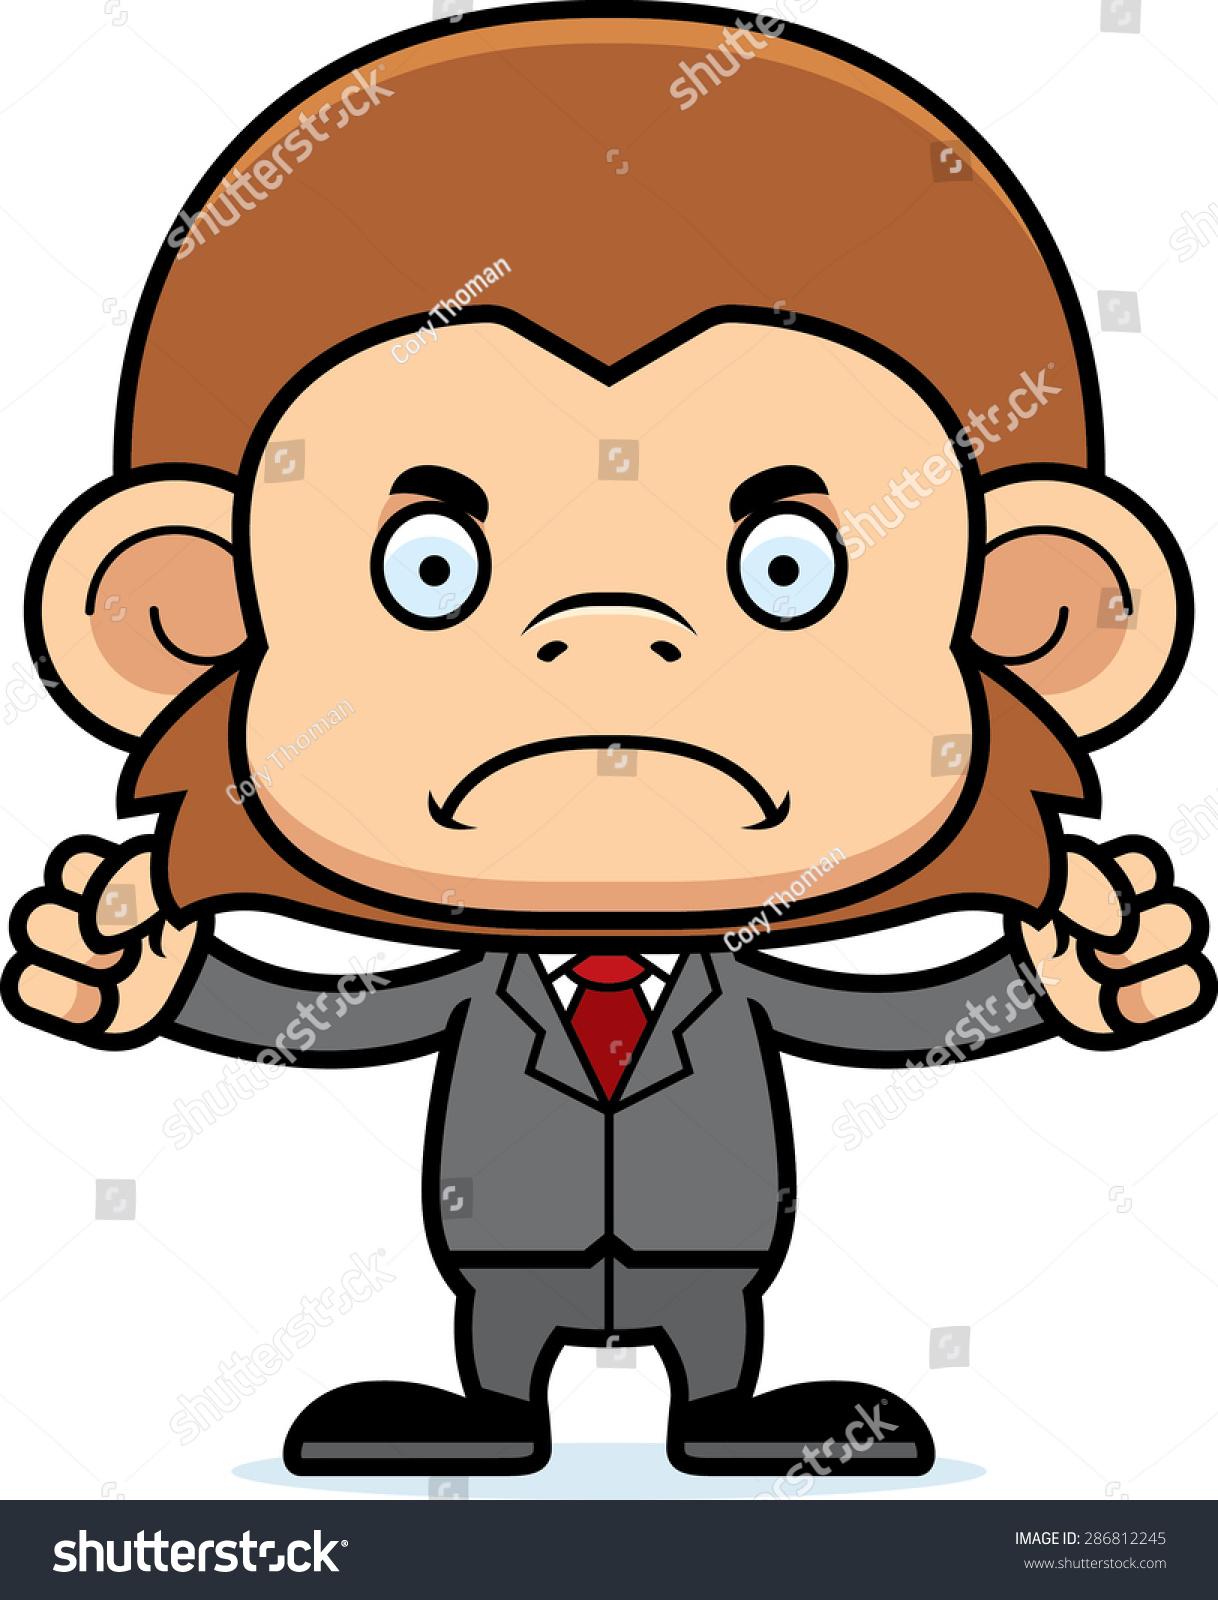 一个卡通商人猴子看起来很生气.-动物/野生生物-海洛